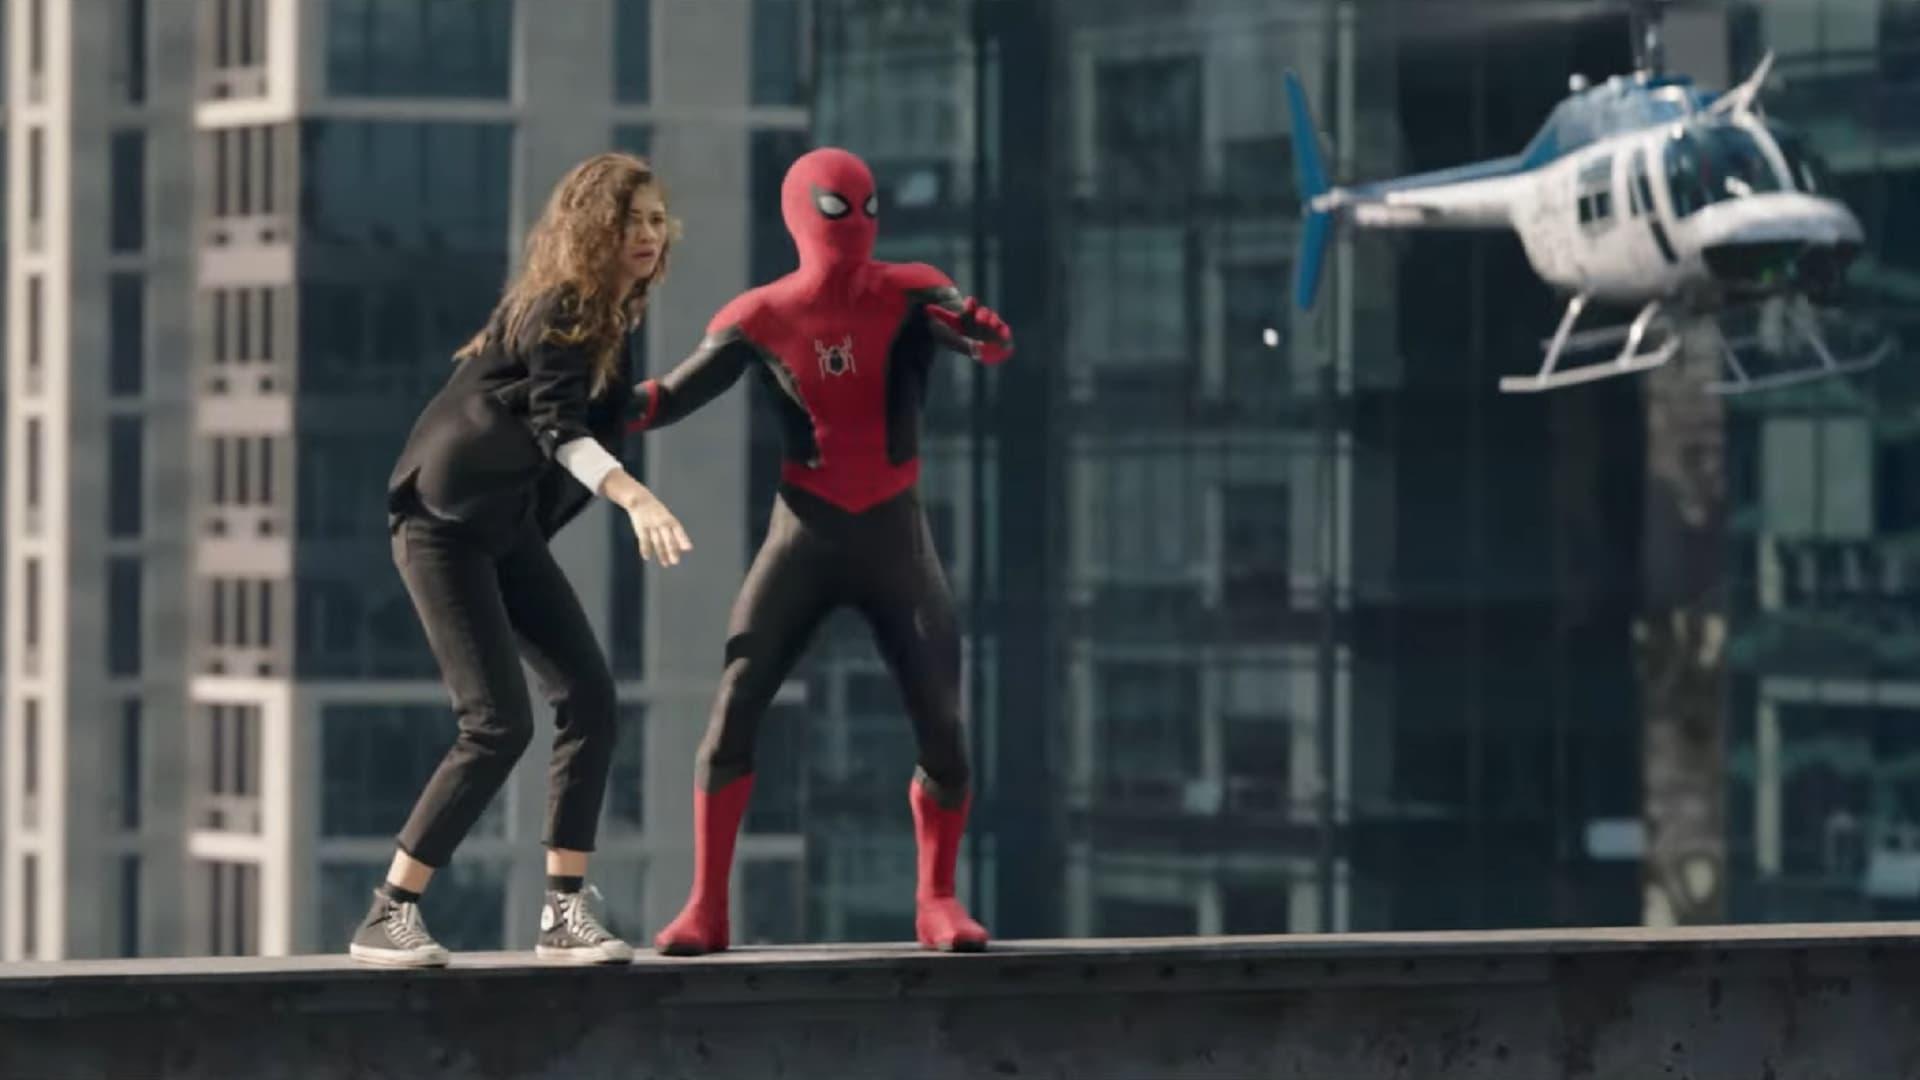 Spider-Man 3: No Way Home ¿Cuándo estrena en Disney Plus?